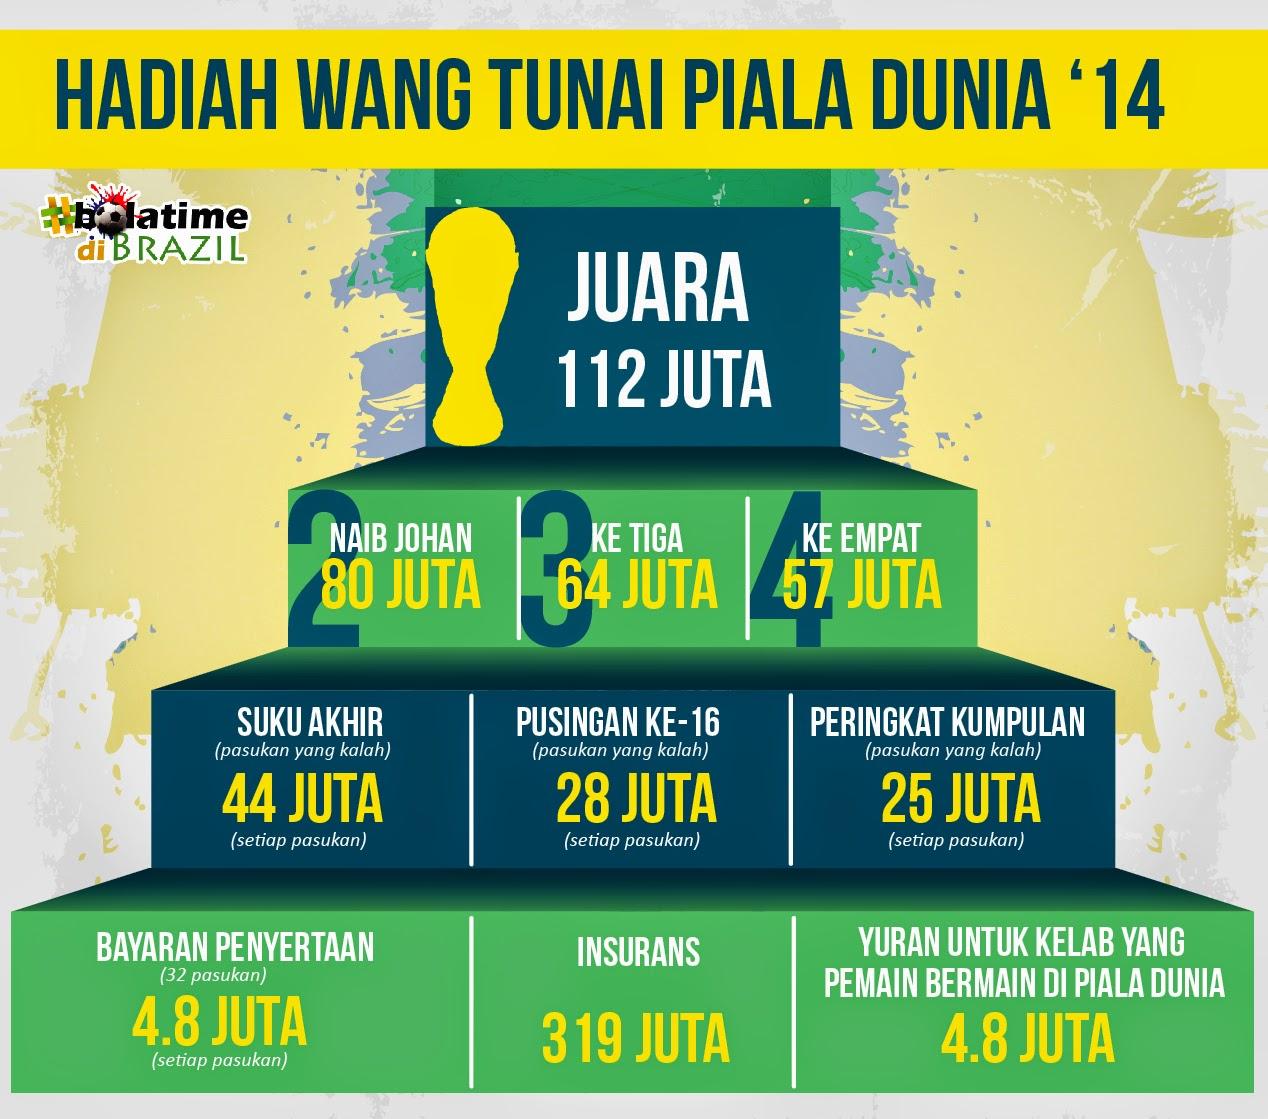 Berapakah Hadiah Juara Piala Dunia 2014?